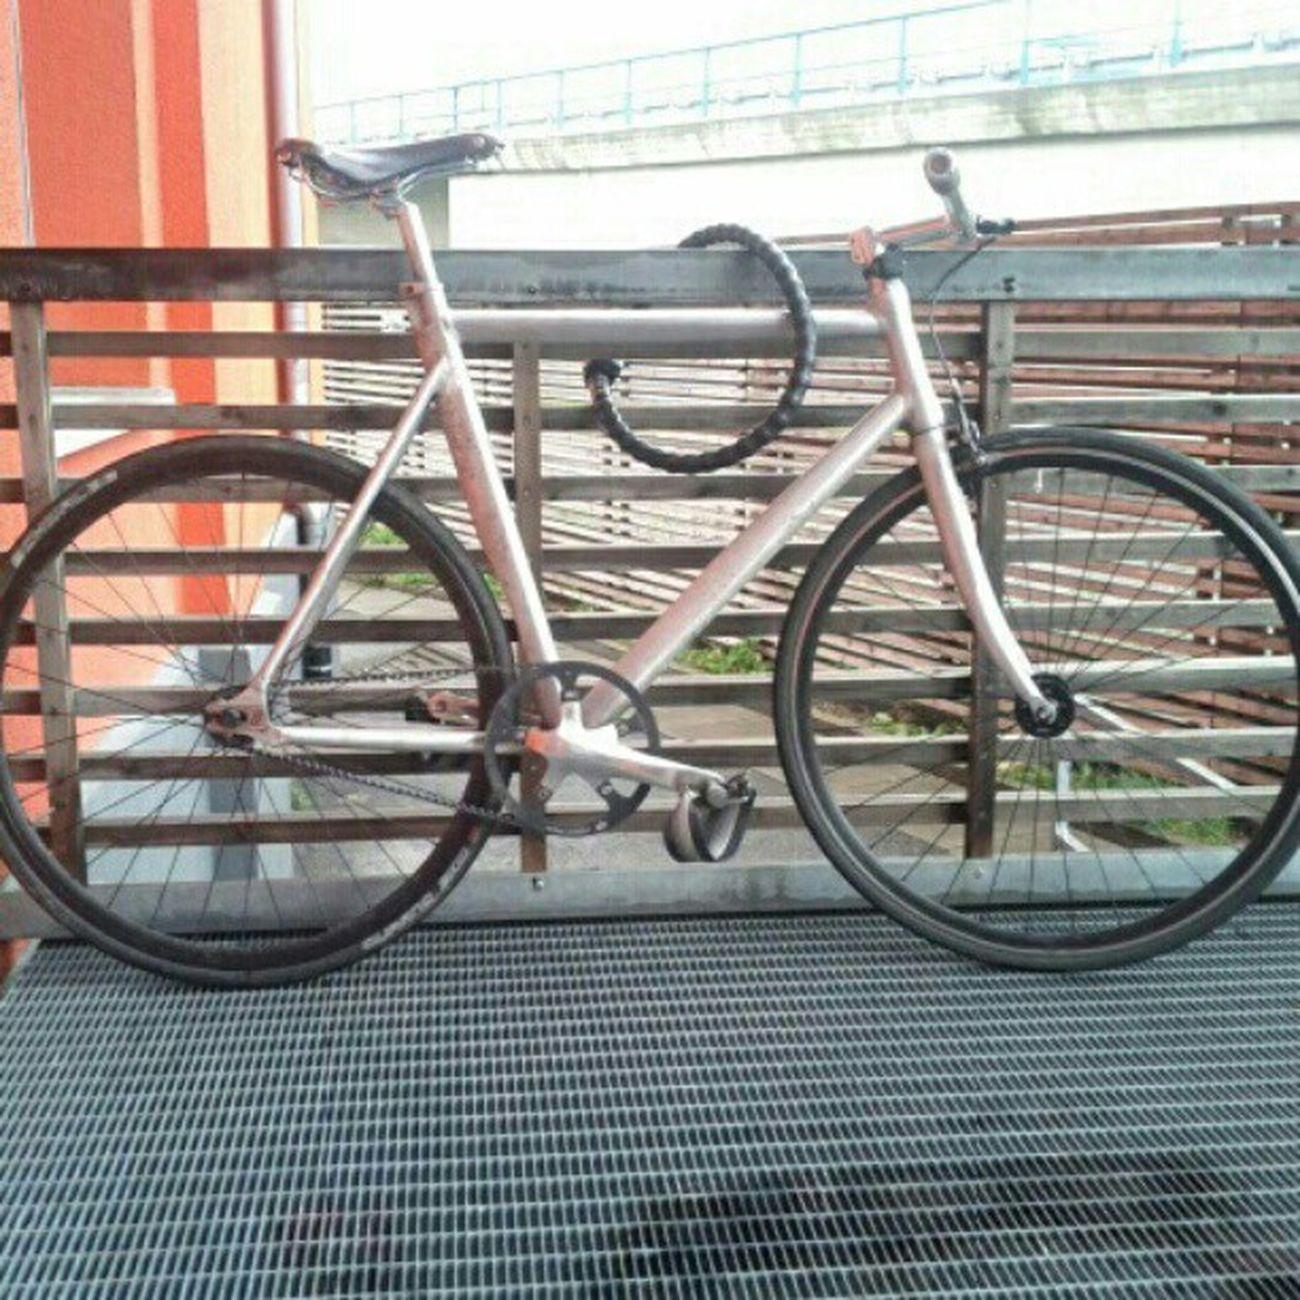 Fixie Bike Beltdrive no grease anymore brillant